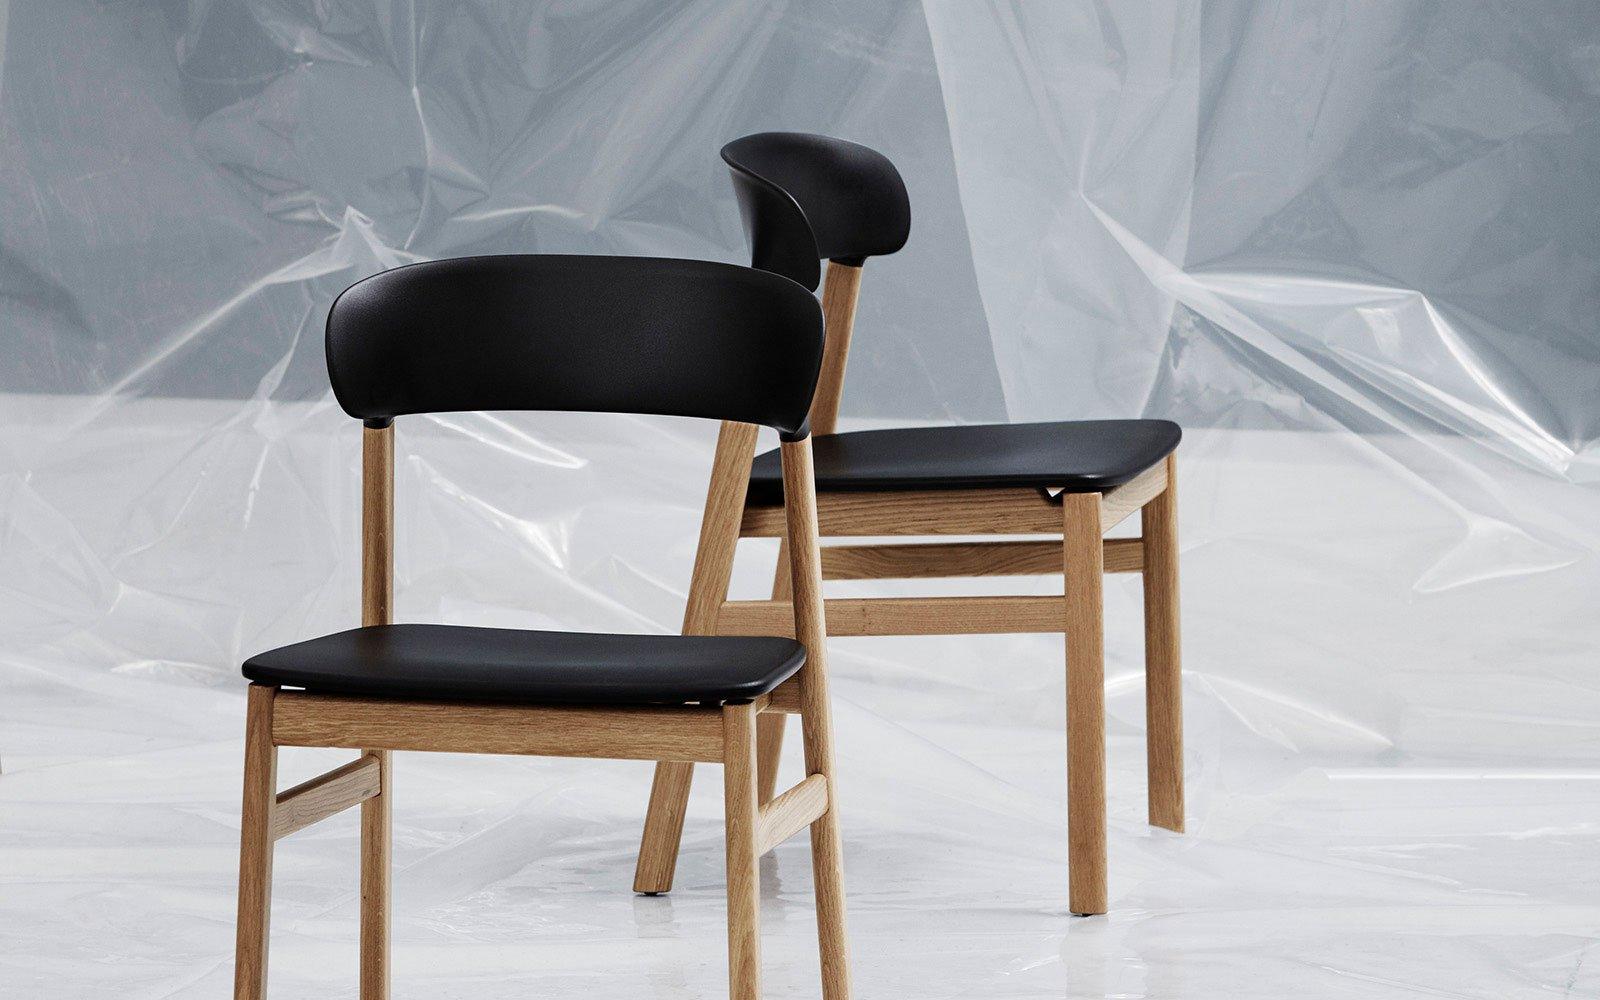 Herit-chair-wooden-frame-normann-copenhagen-insitu-2